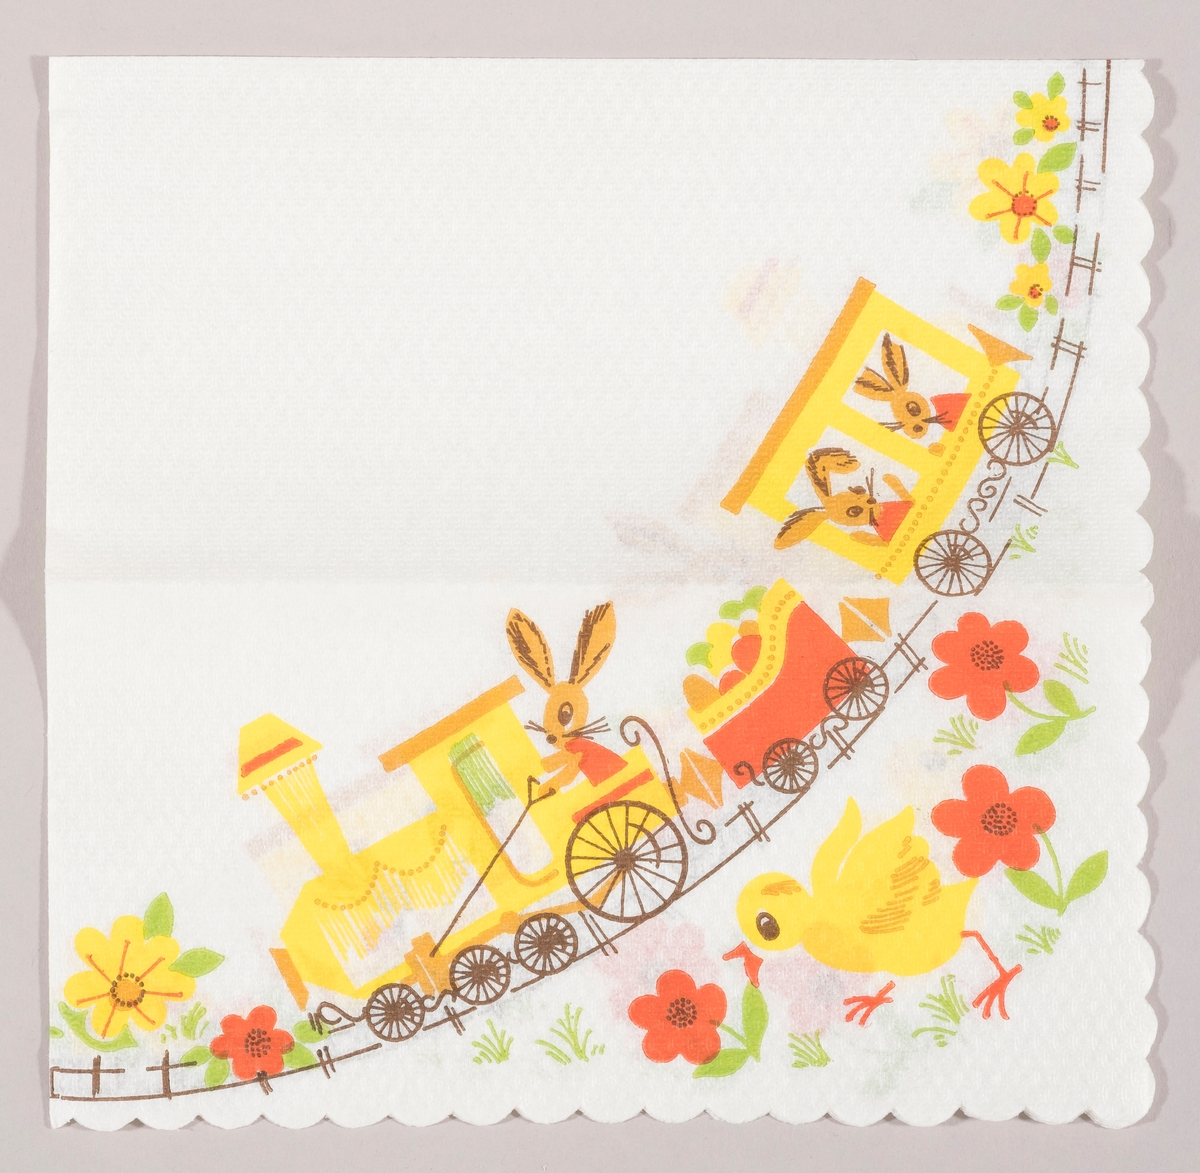 Et tog med lokomotiv og to vogner. En påskeharer sitter i lokomotivet og to i en vogn. I en tredje vogn er der påskeegg. En kylling løper i en blomstereng med røde og gule blomster.